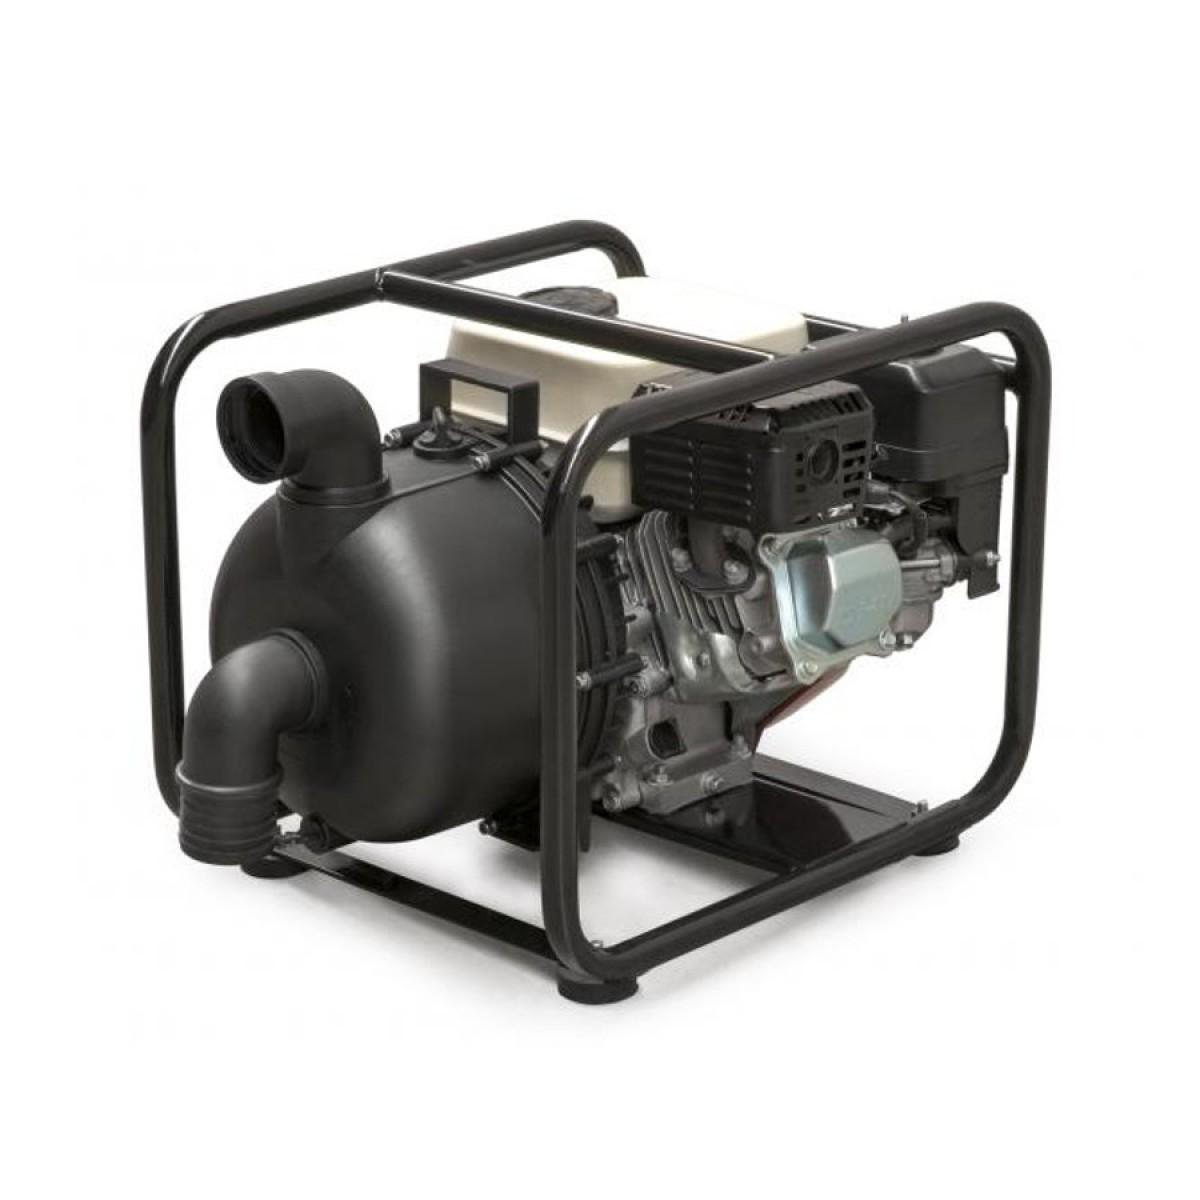 Motobomba Autoescorvante a Gasolina 6.5 HP Branco PRODUTO QUÍMICO E ABRASIVOS